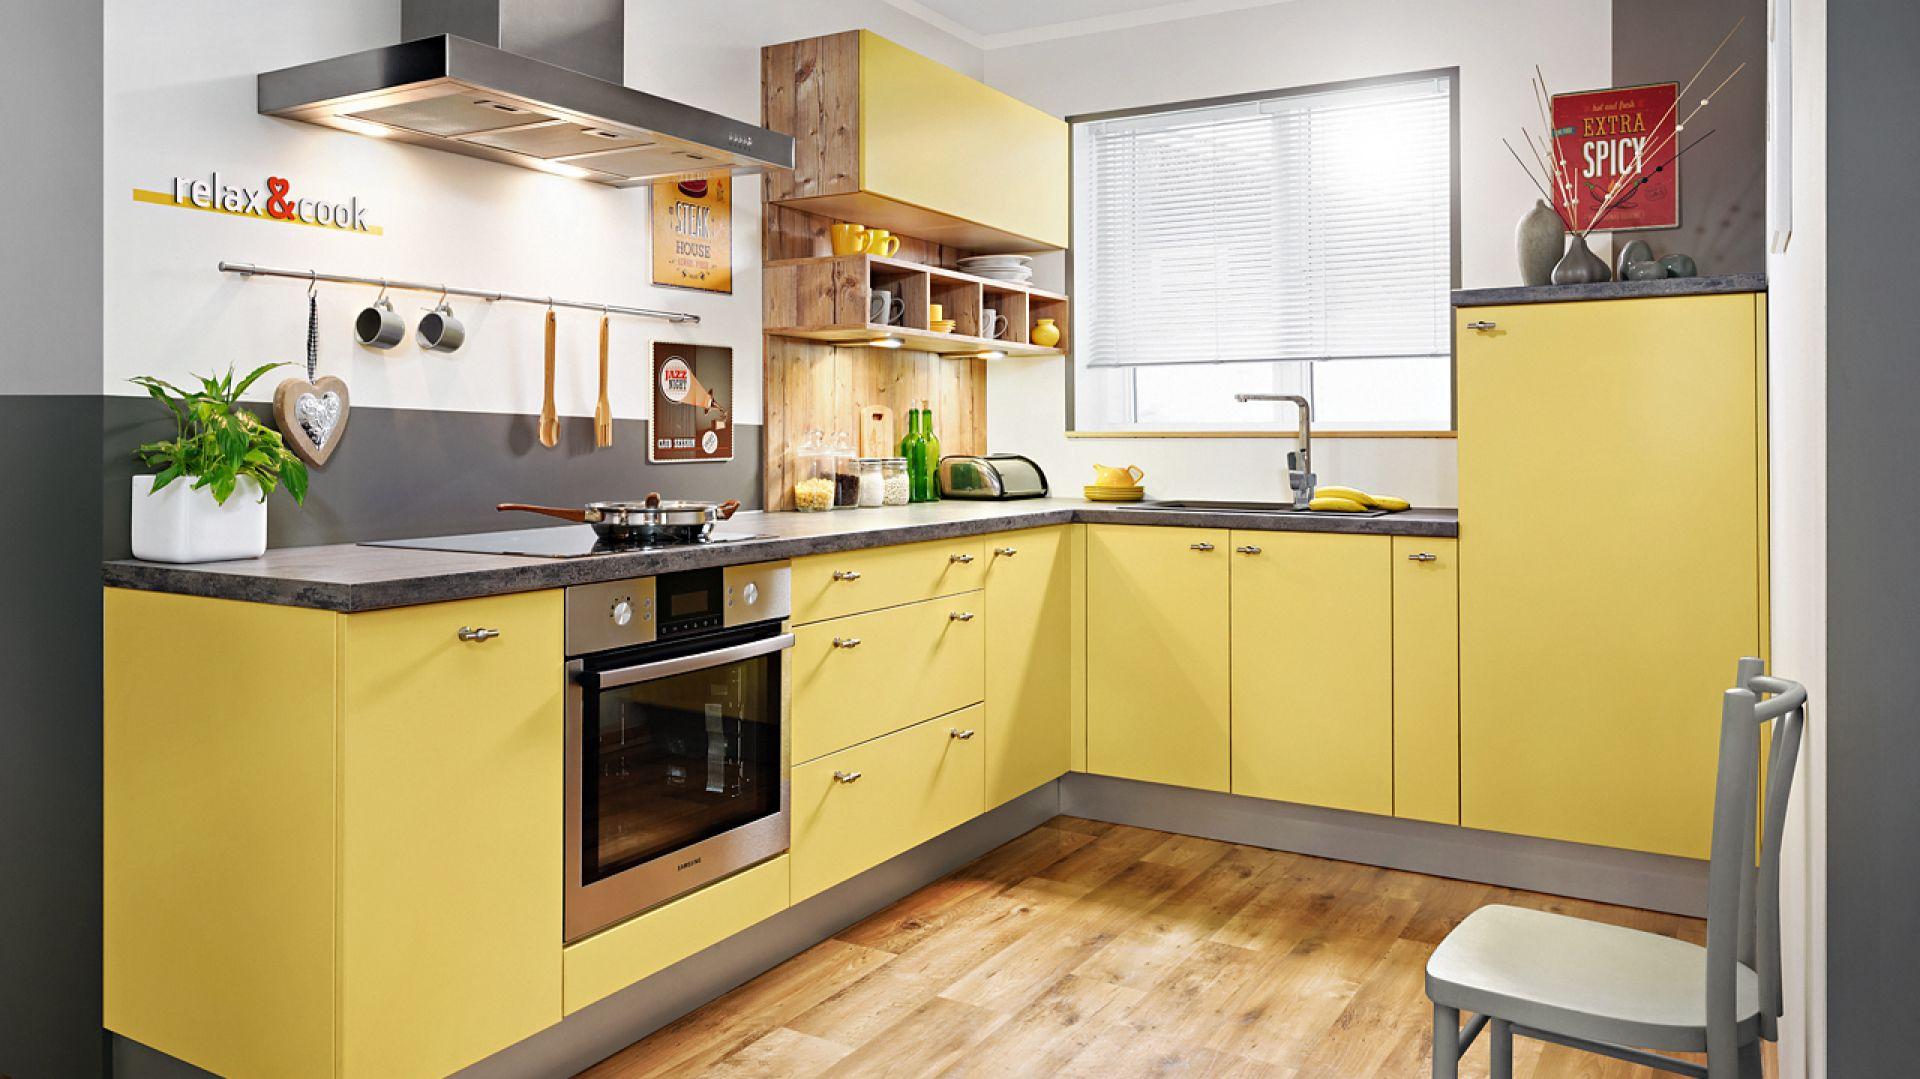 Kuchnia KAMPlus w kolorze szafranu. Fot. KAM Kuchnie